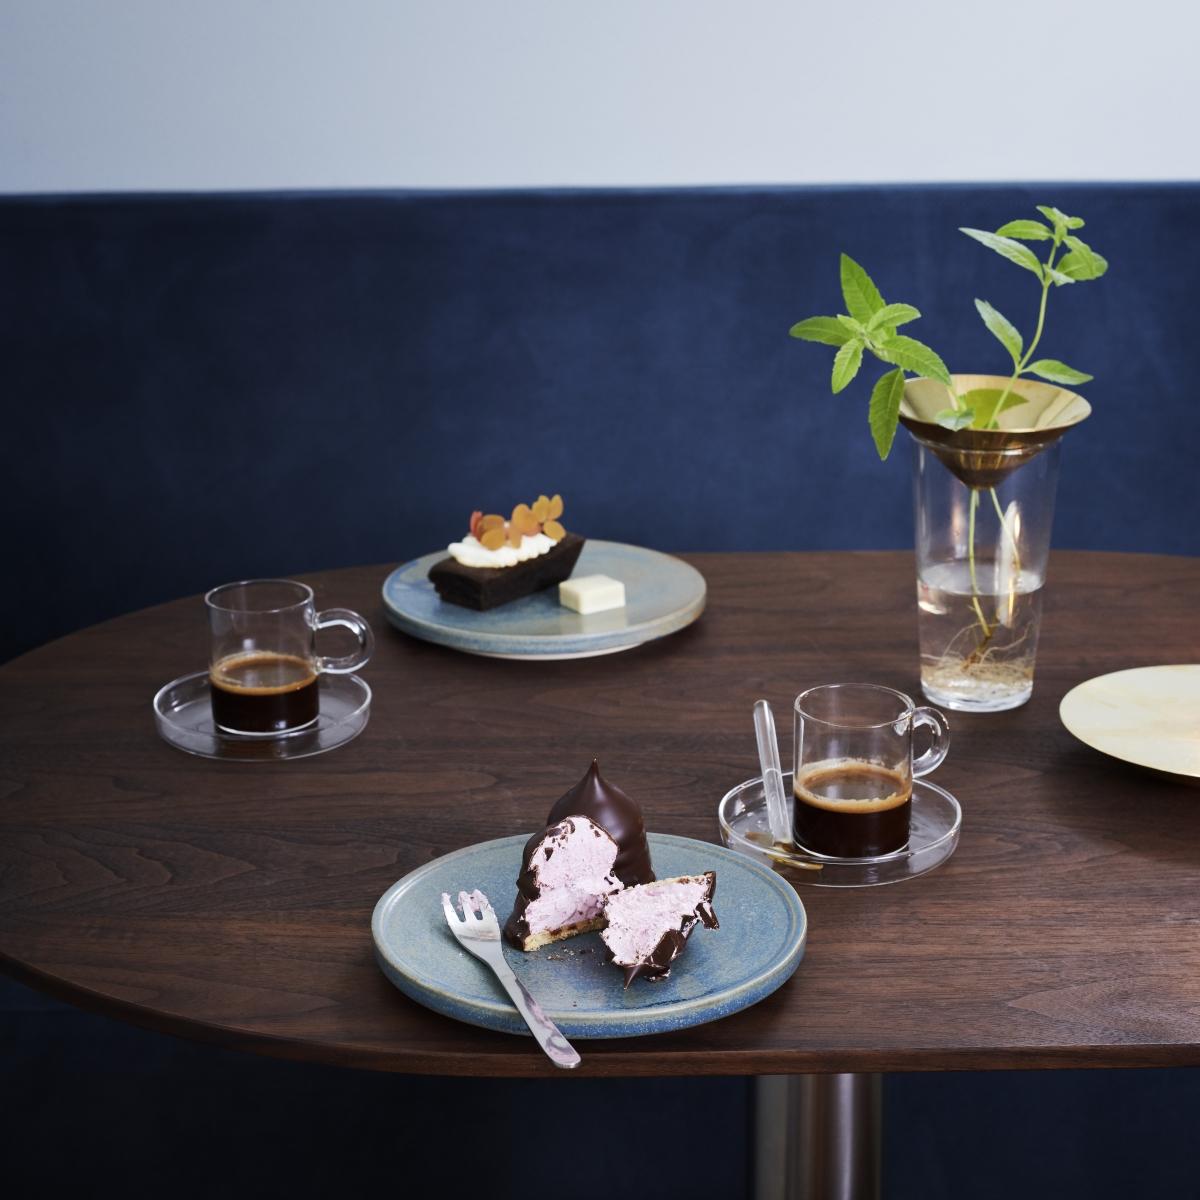 Winterspring_Desserts_Eis_Kaffee_Frühstück_Mittagessen